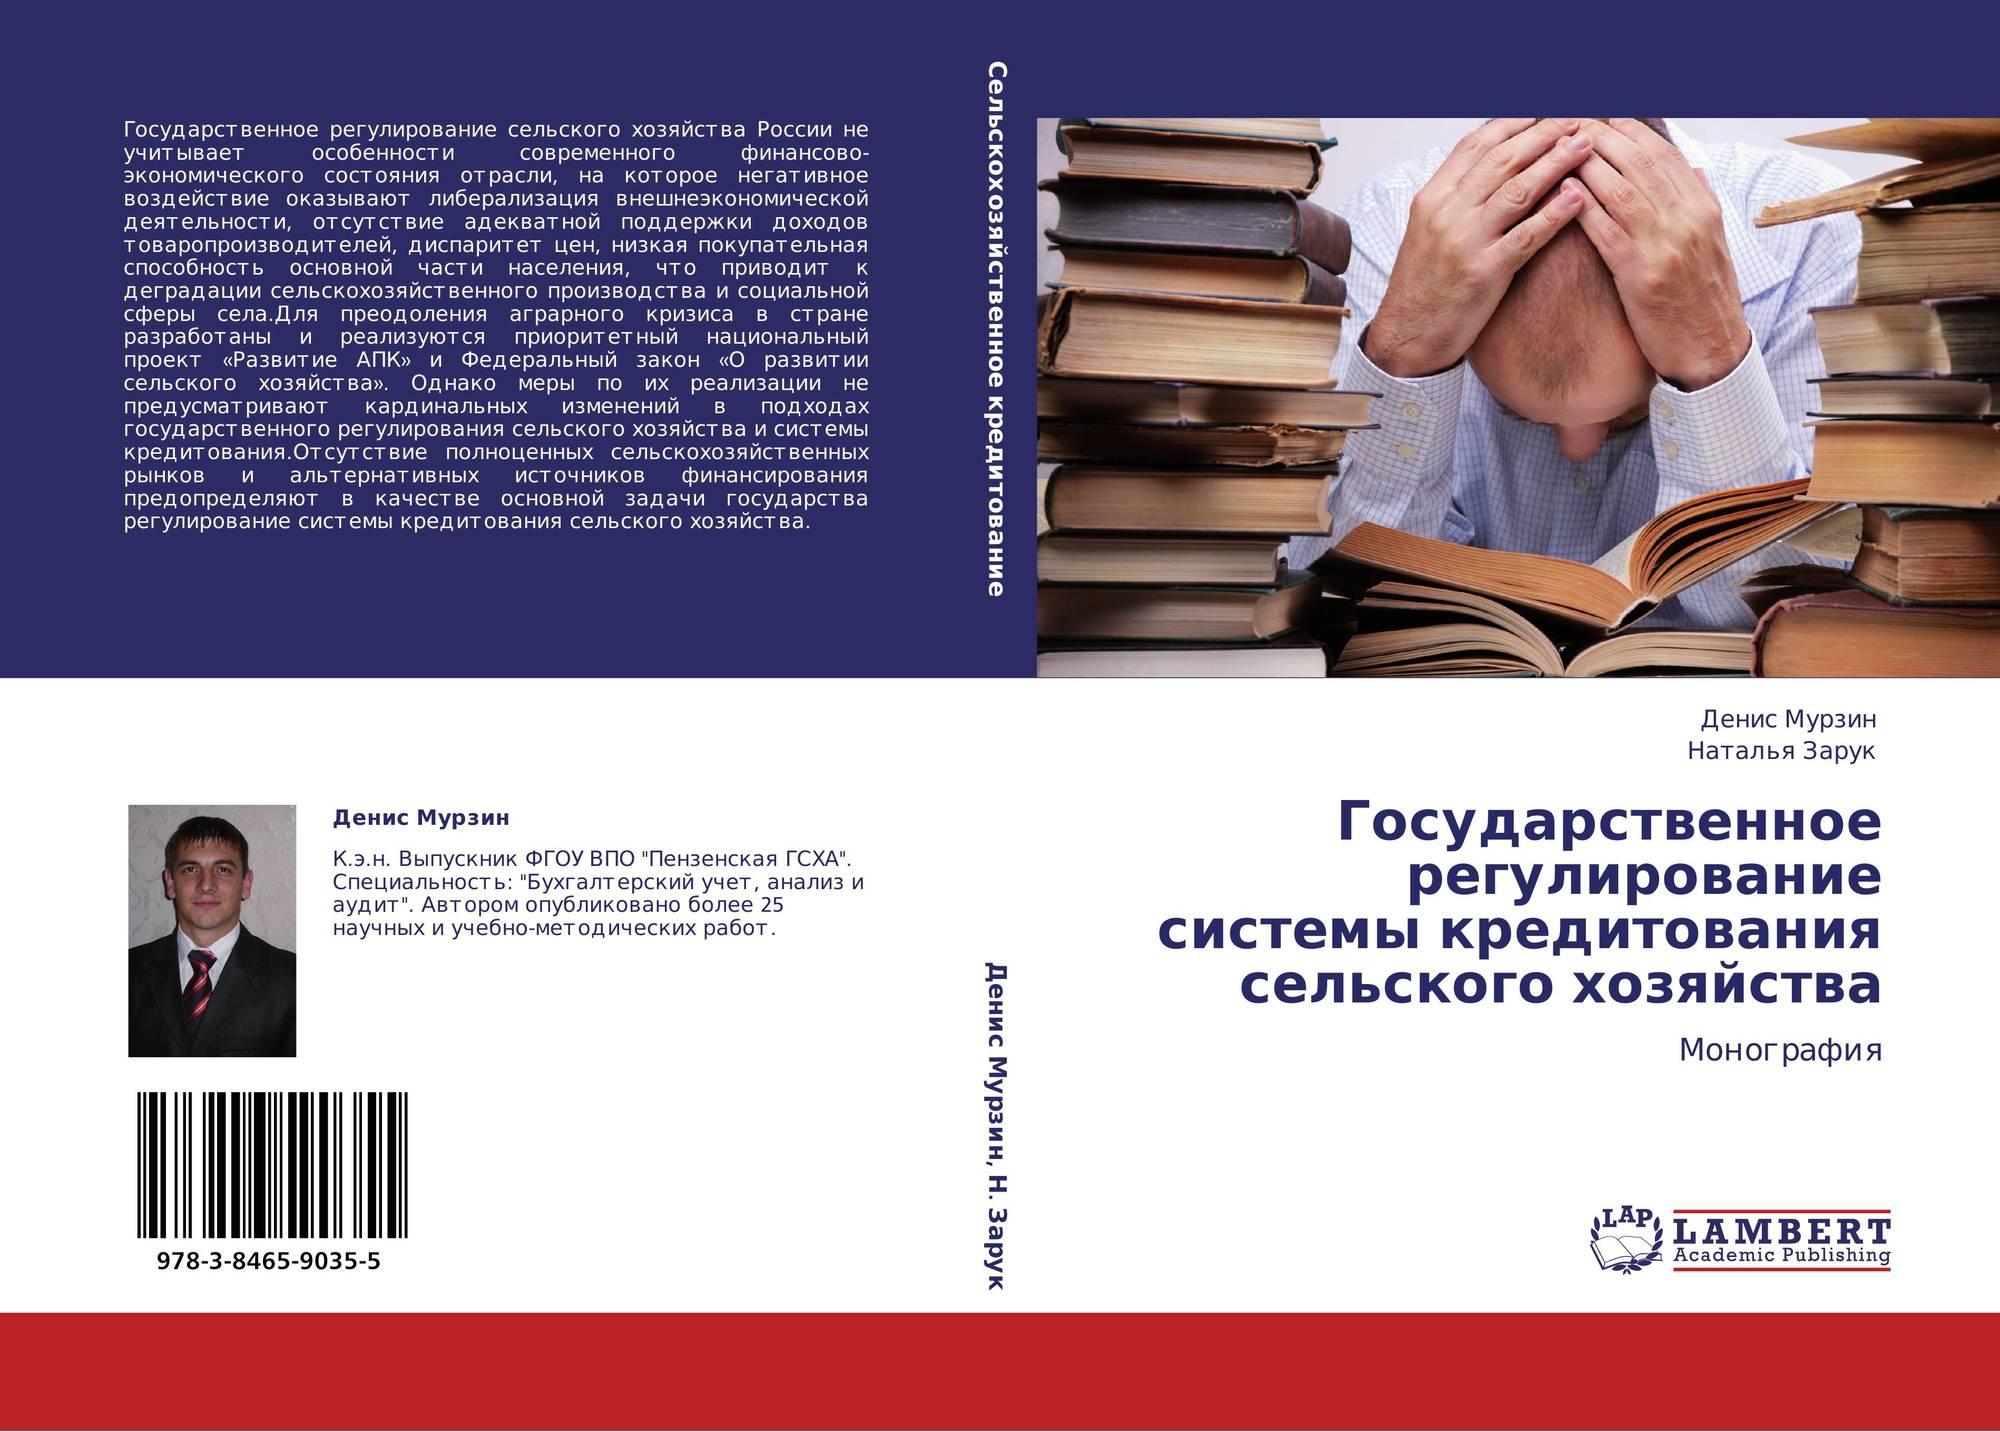 Кредиты для сельского хозяйства в россии